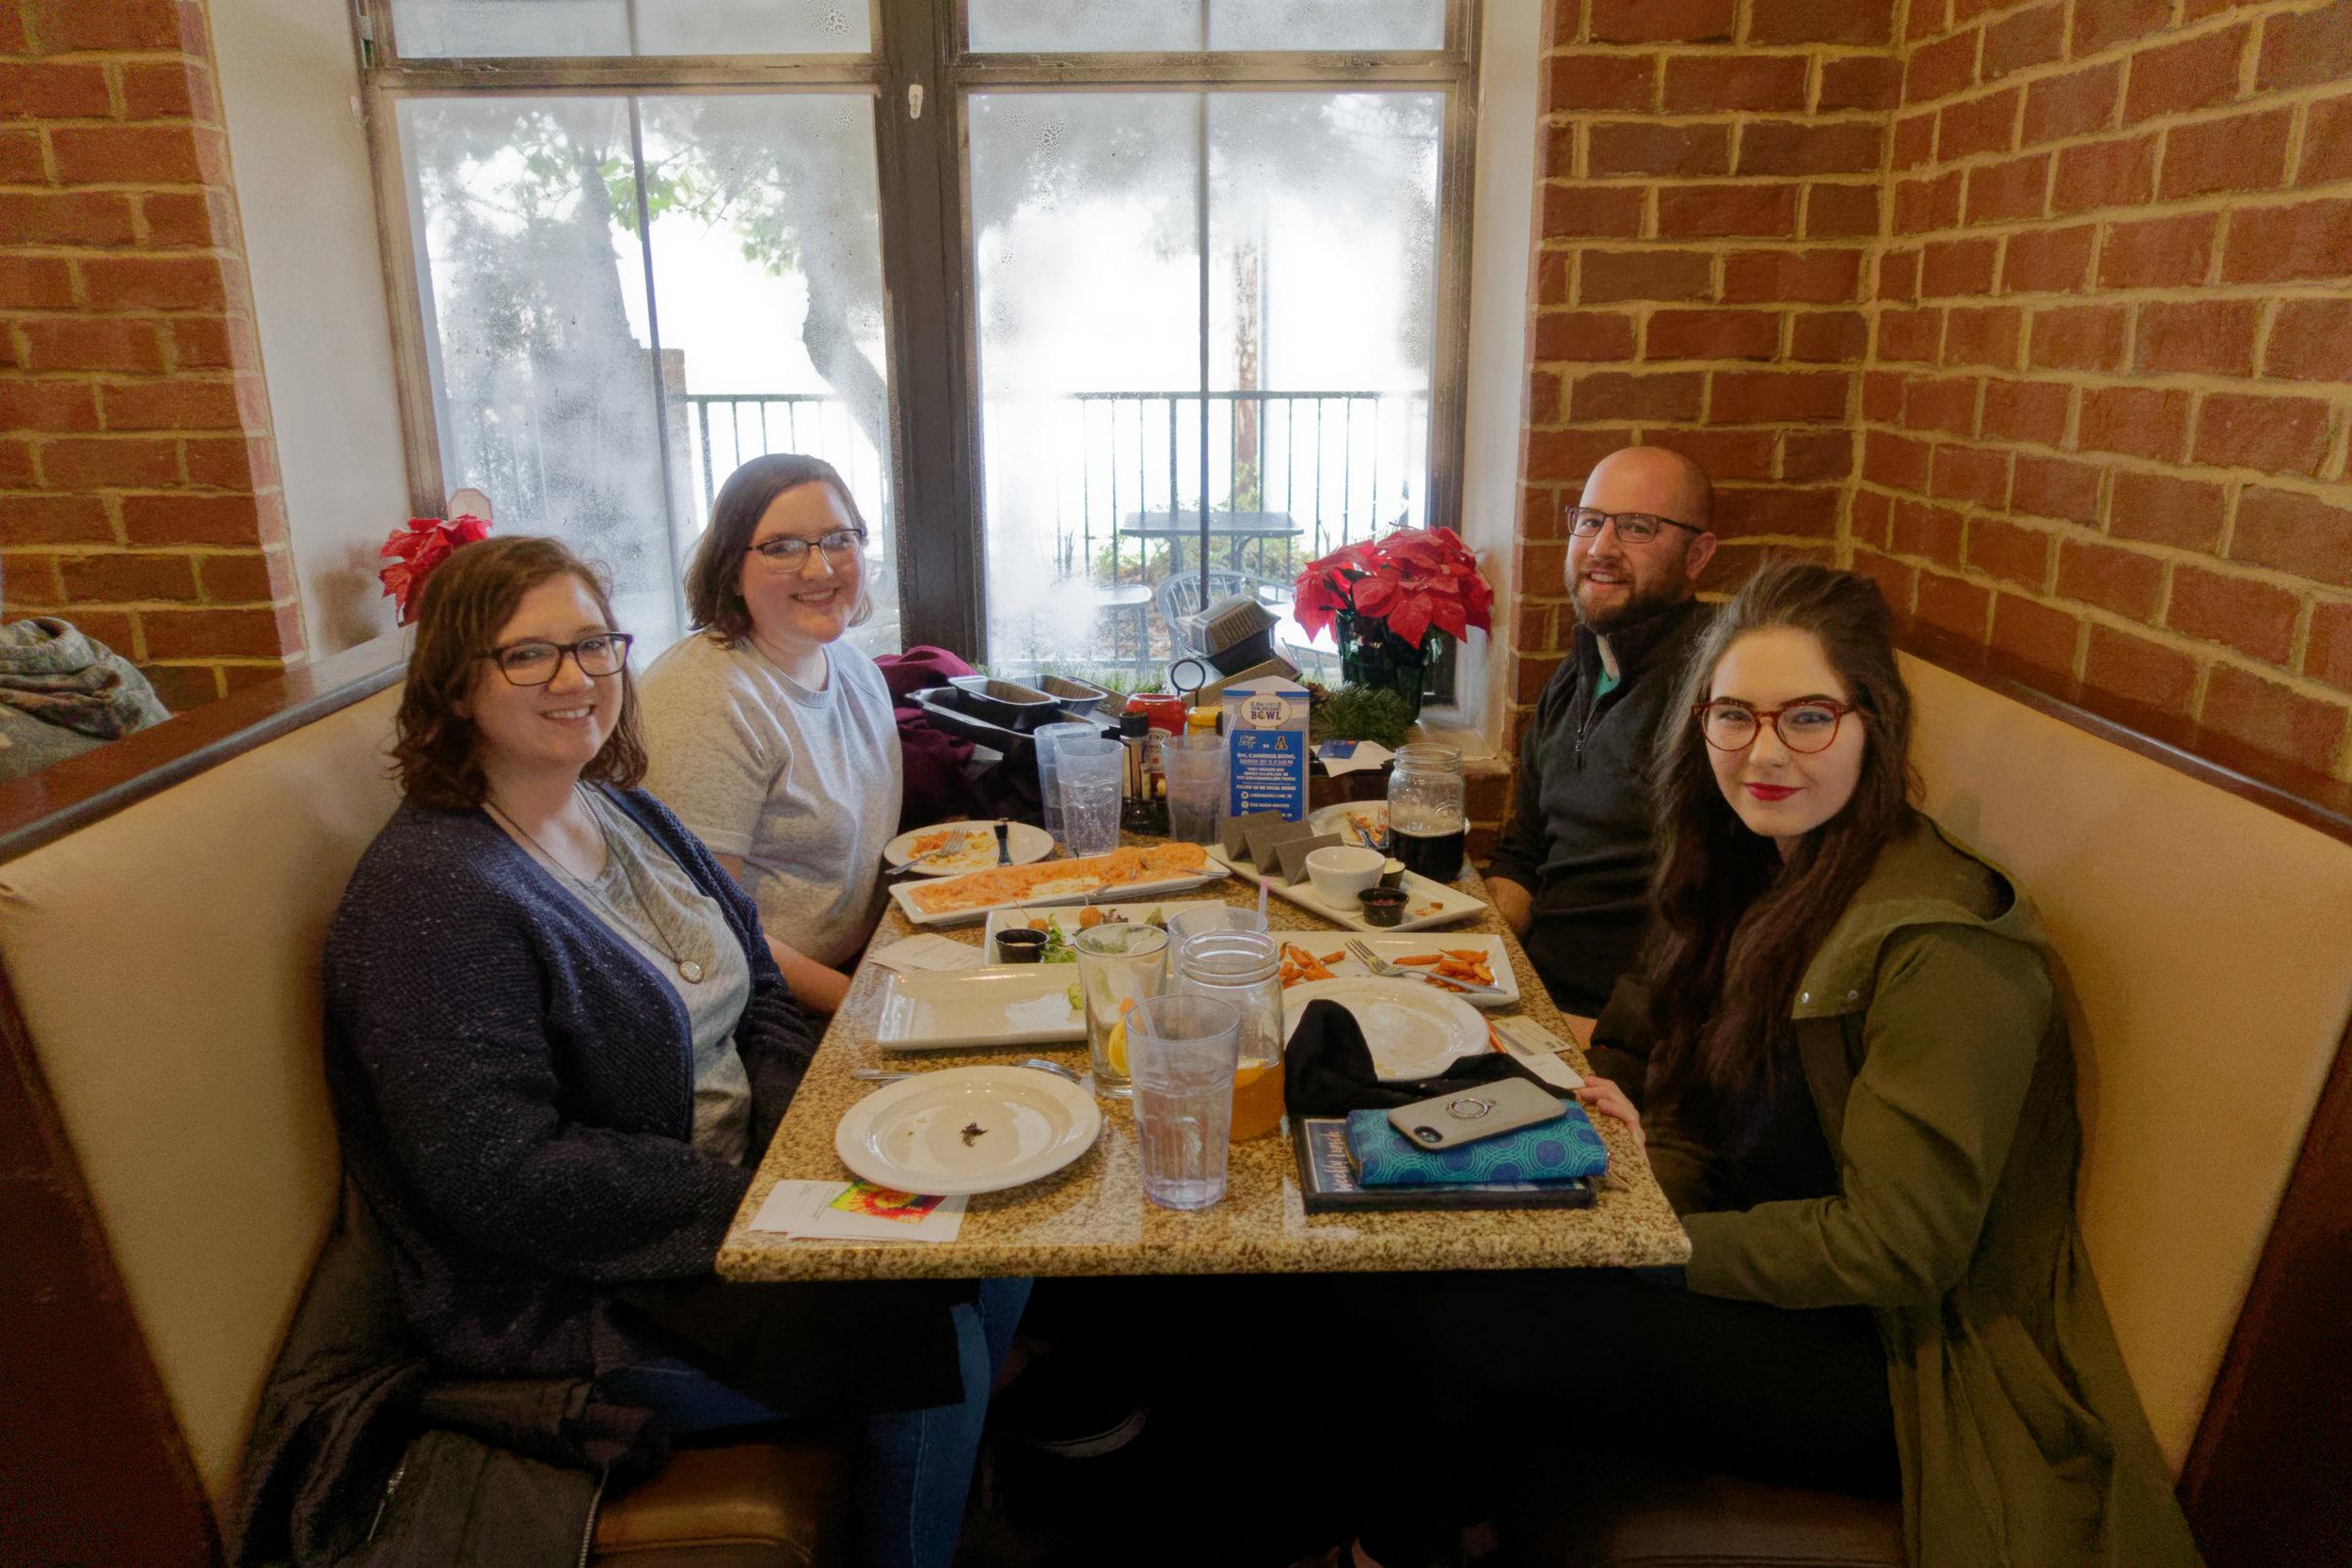 DSC00027- Fall 2018 lab lunch.jpg